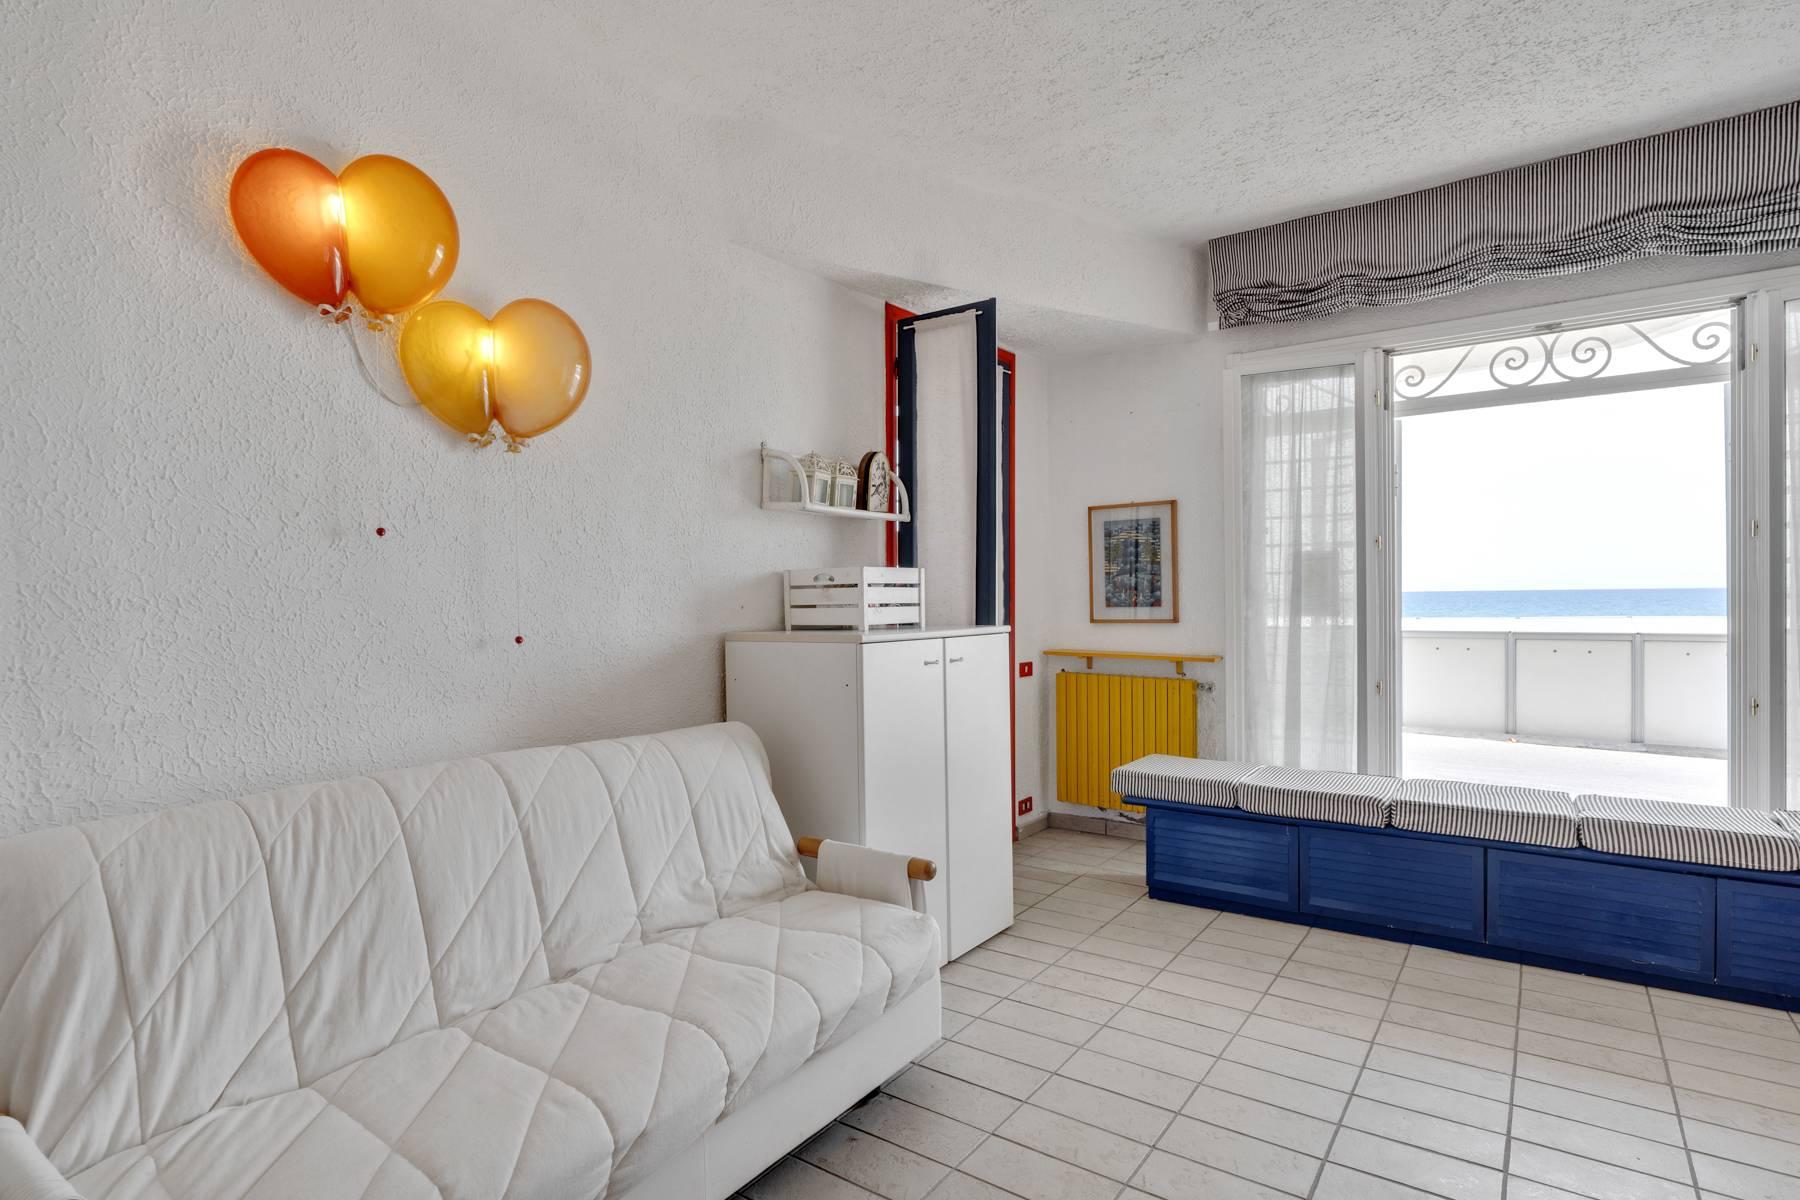 Casa indipendente in Vendita a Alassio: 5 locali, 230 mq - Foto 21